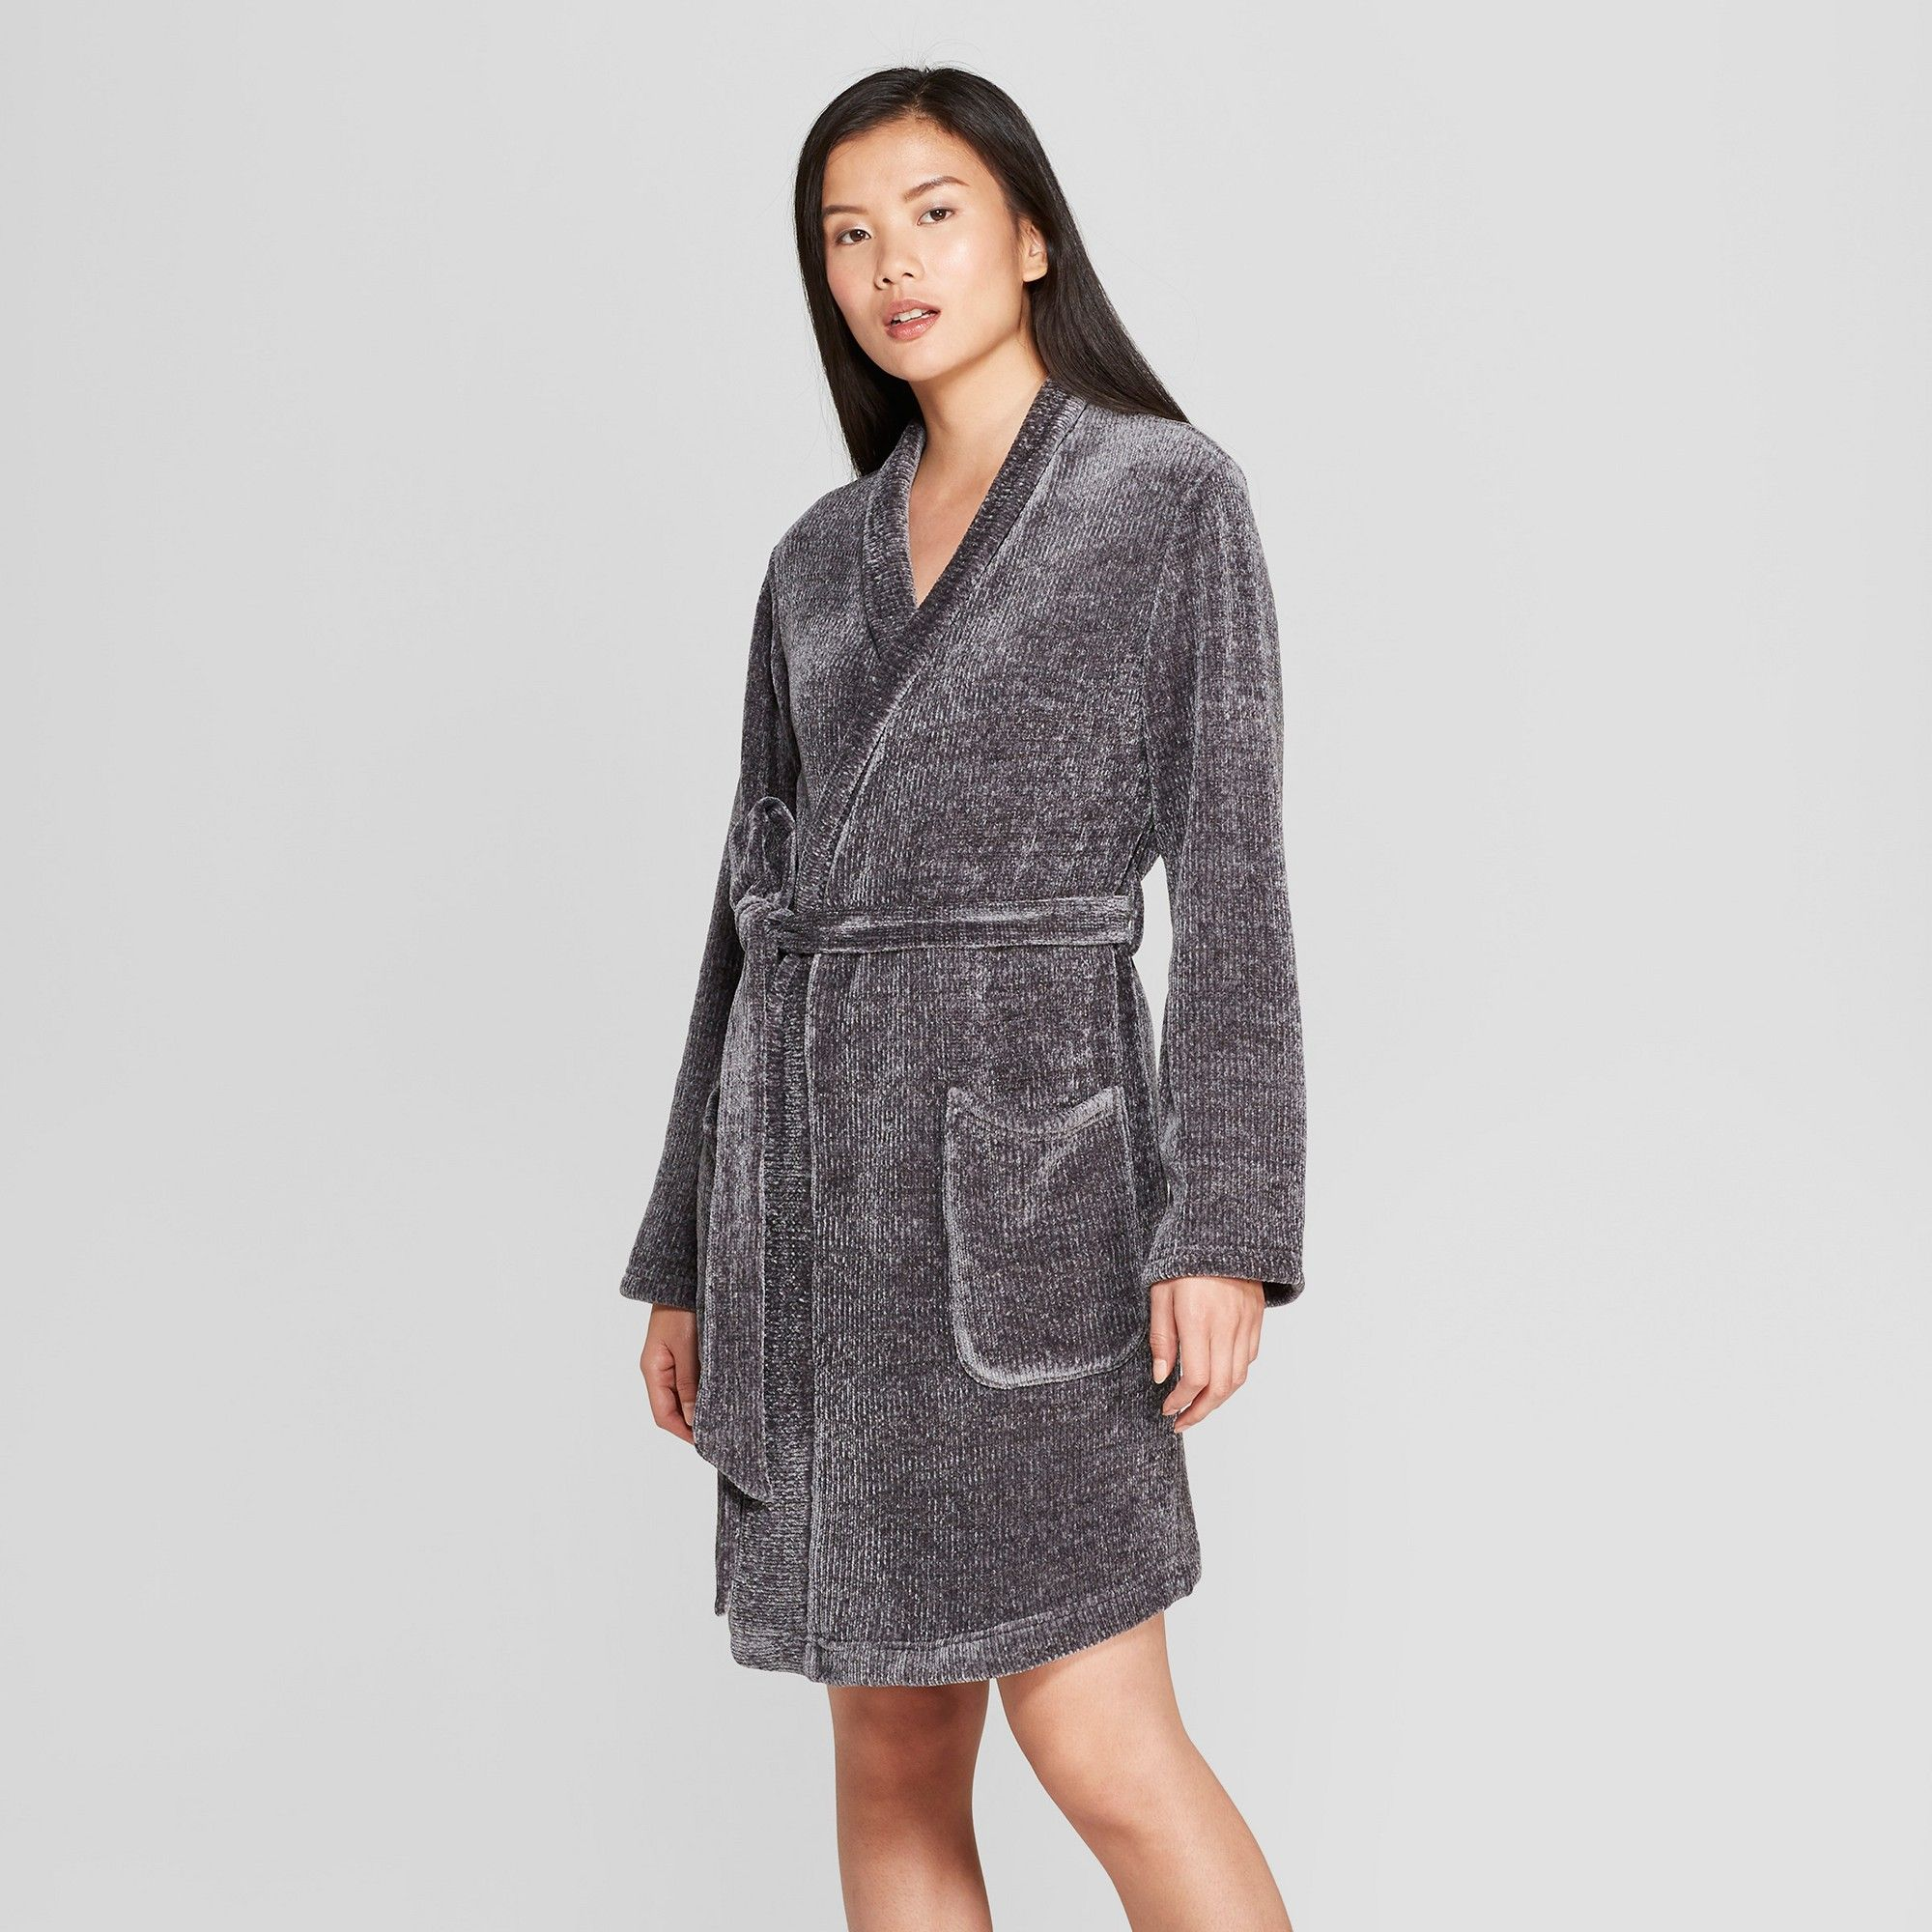 65027dfc05 Women's Cozy Chenile Robe - Gilligan & O'Malley™ Green XS/S ...